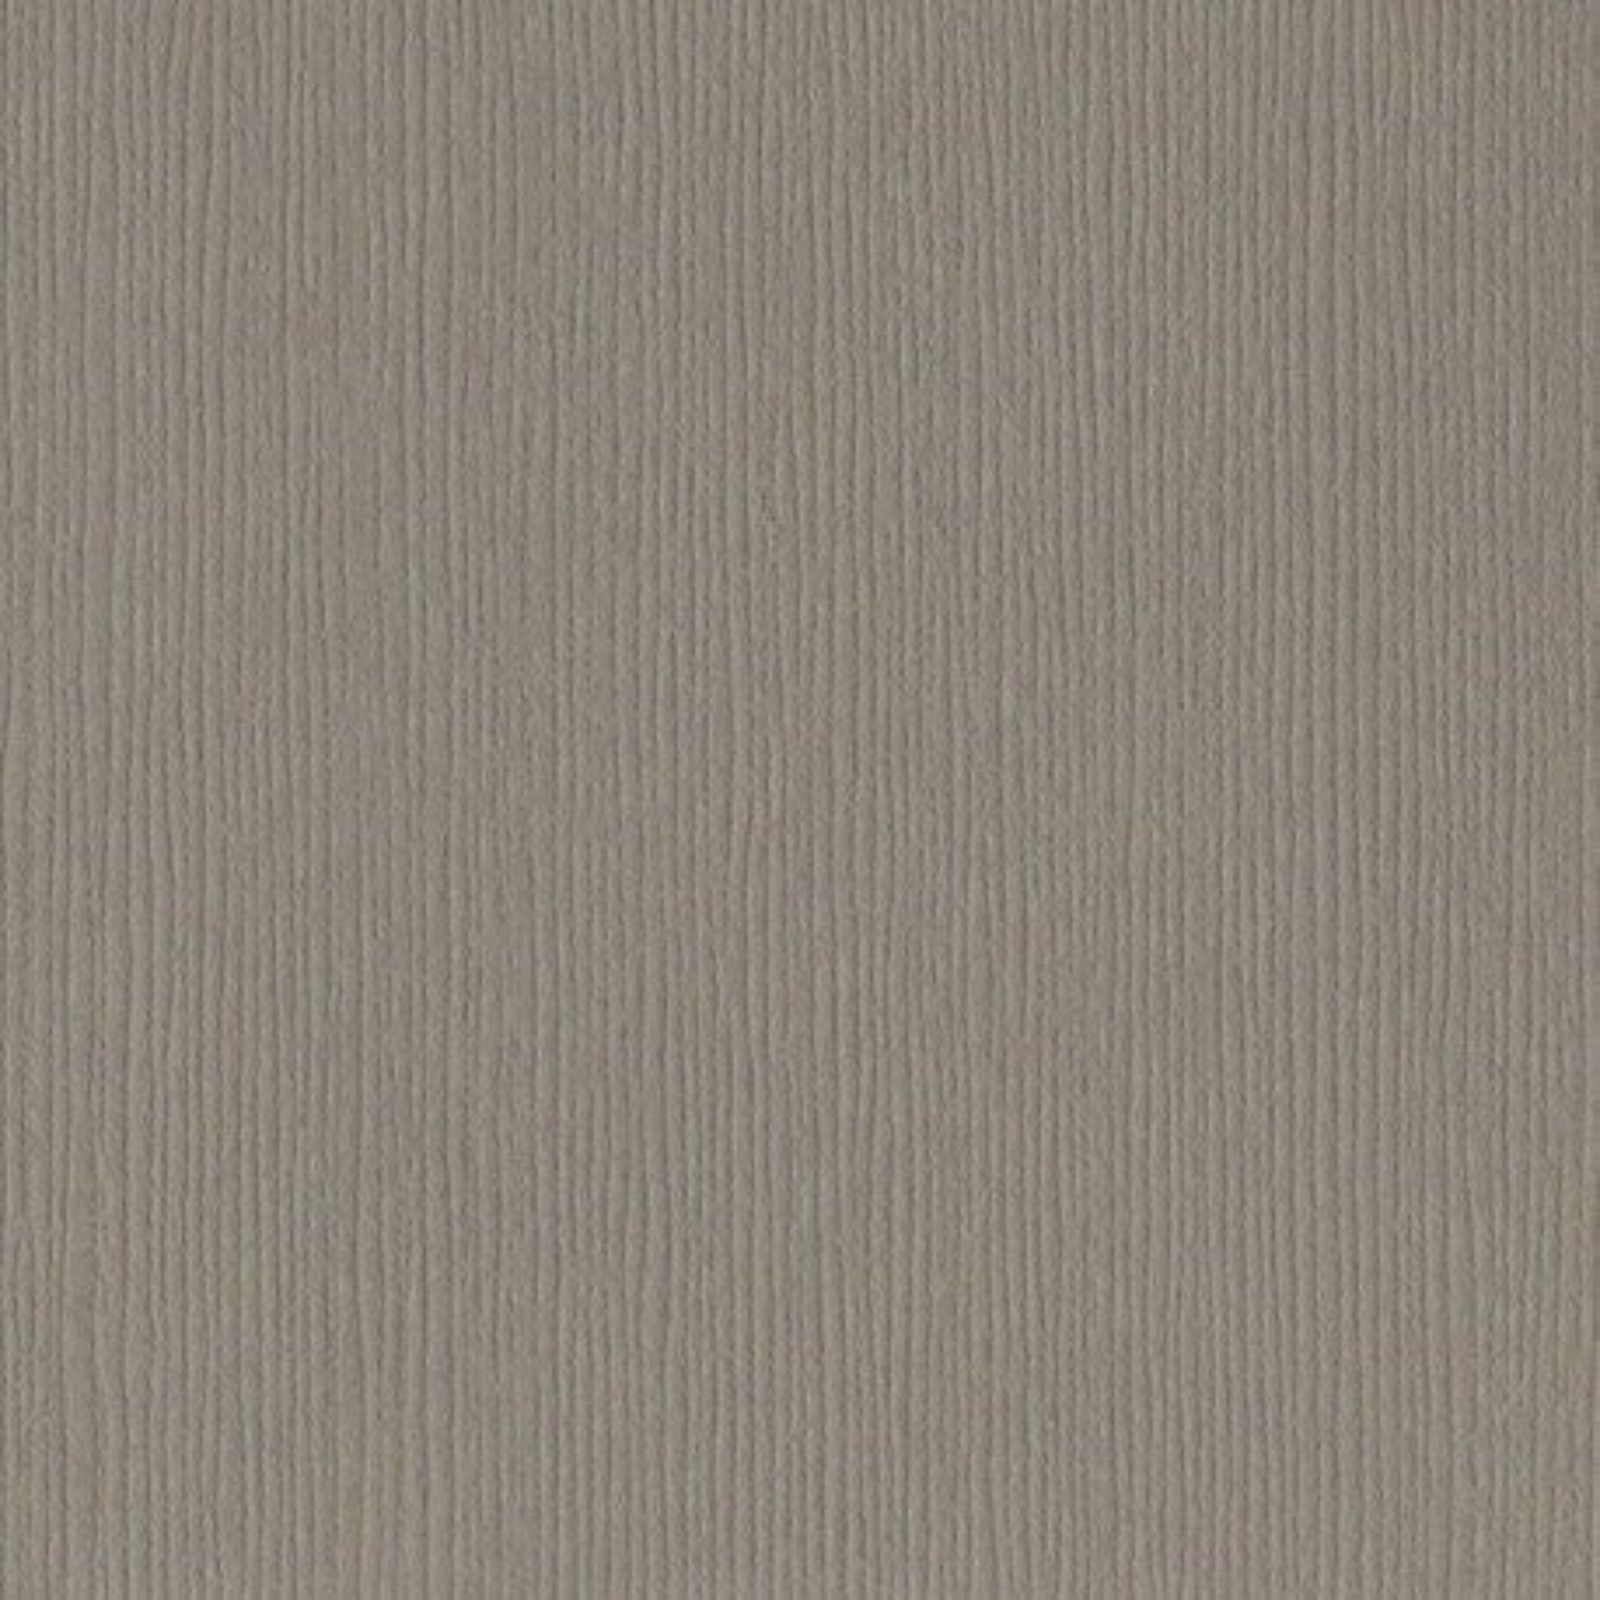 Papier gris - Stonehenge - Fourz - Bazzill Basics Paper